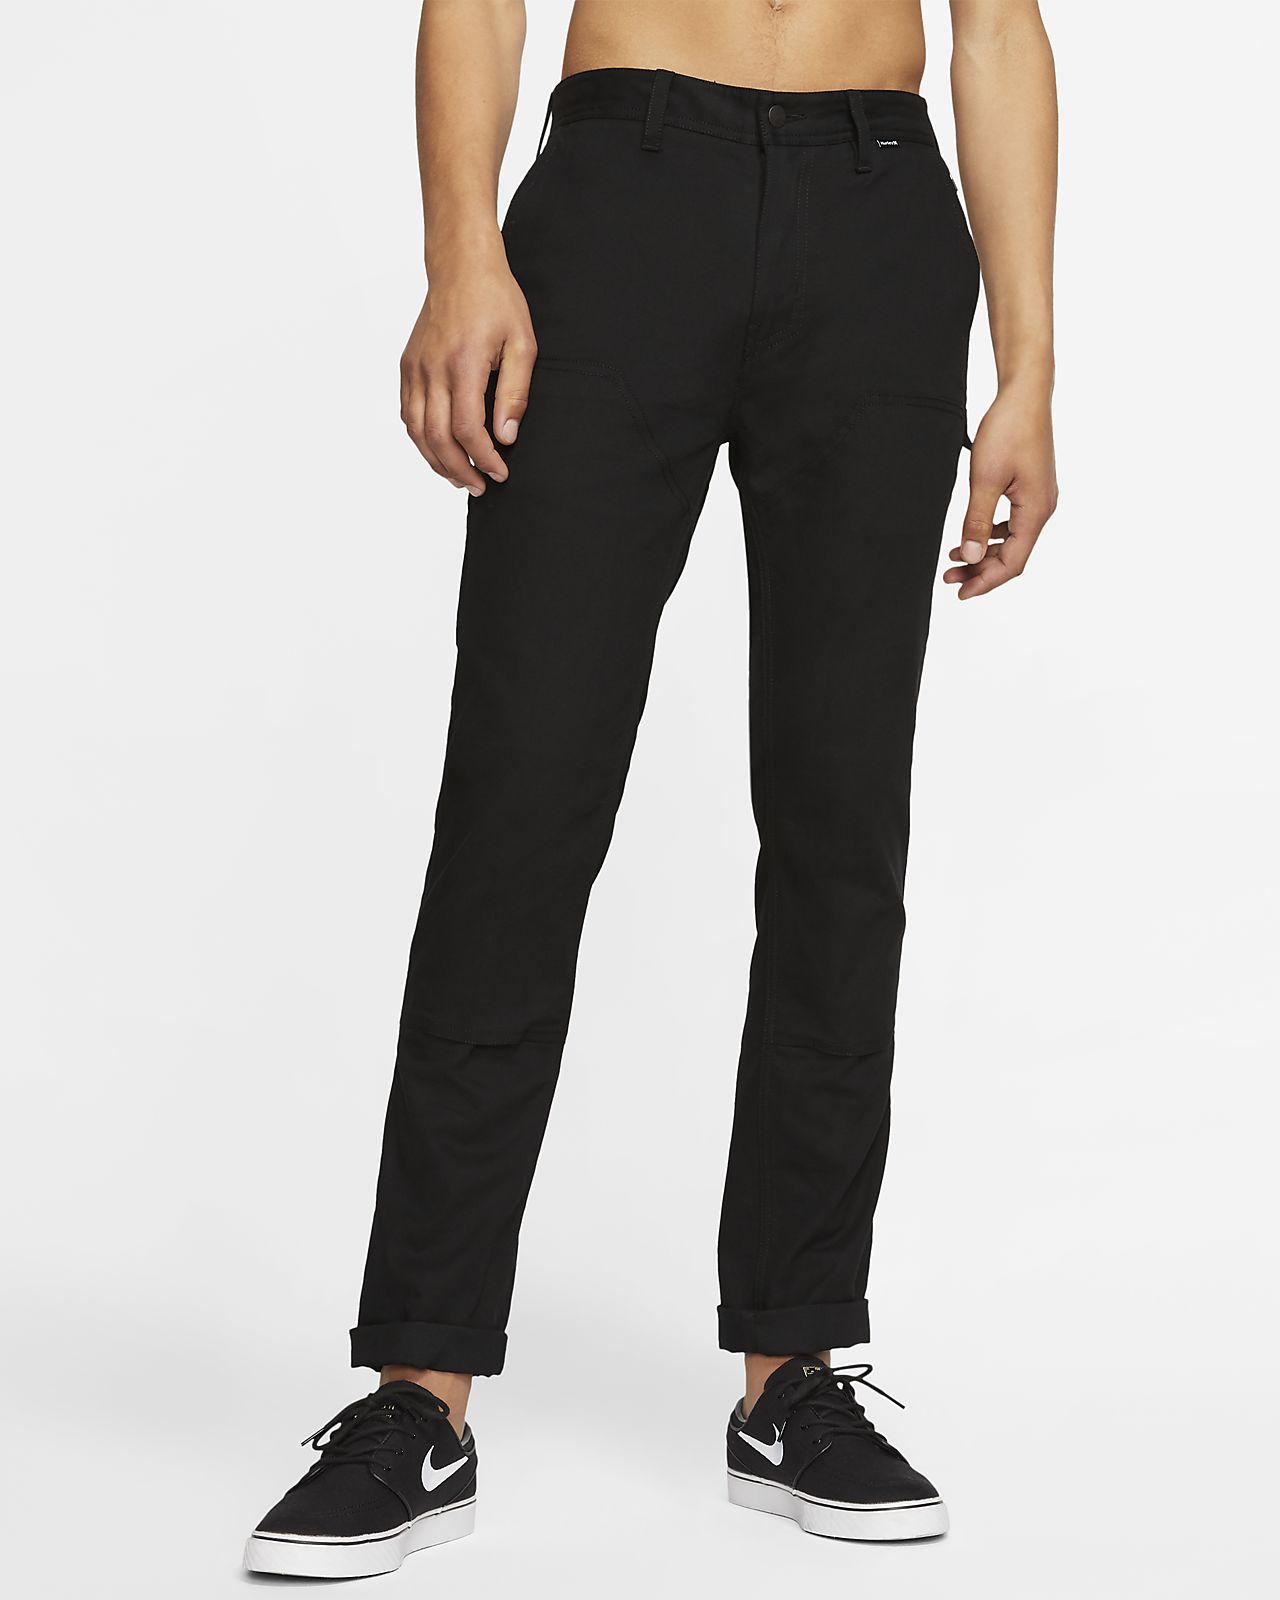 Pantalon Hurley x Carhartt Double Front pour Homme